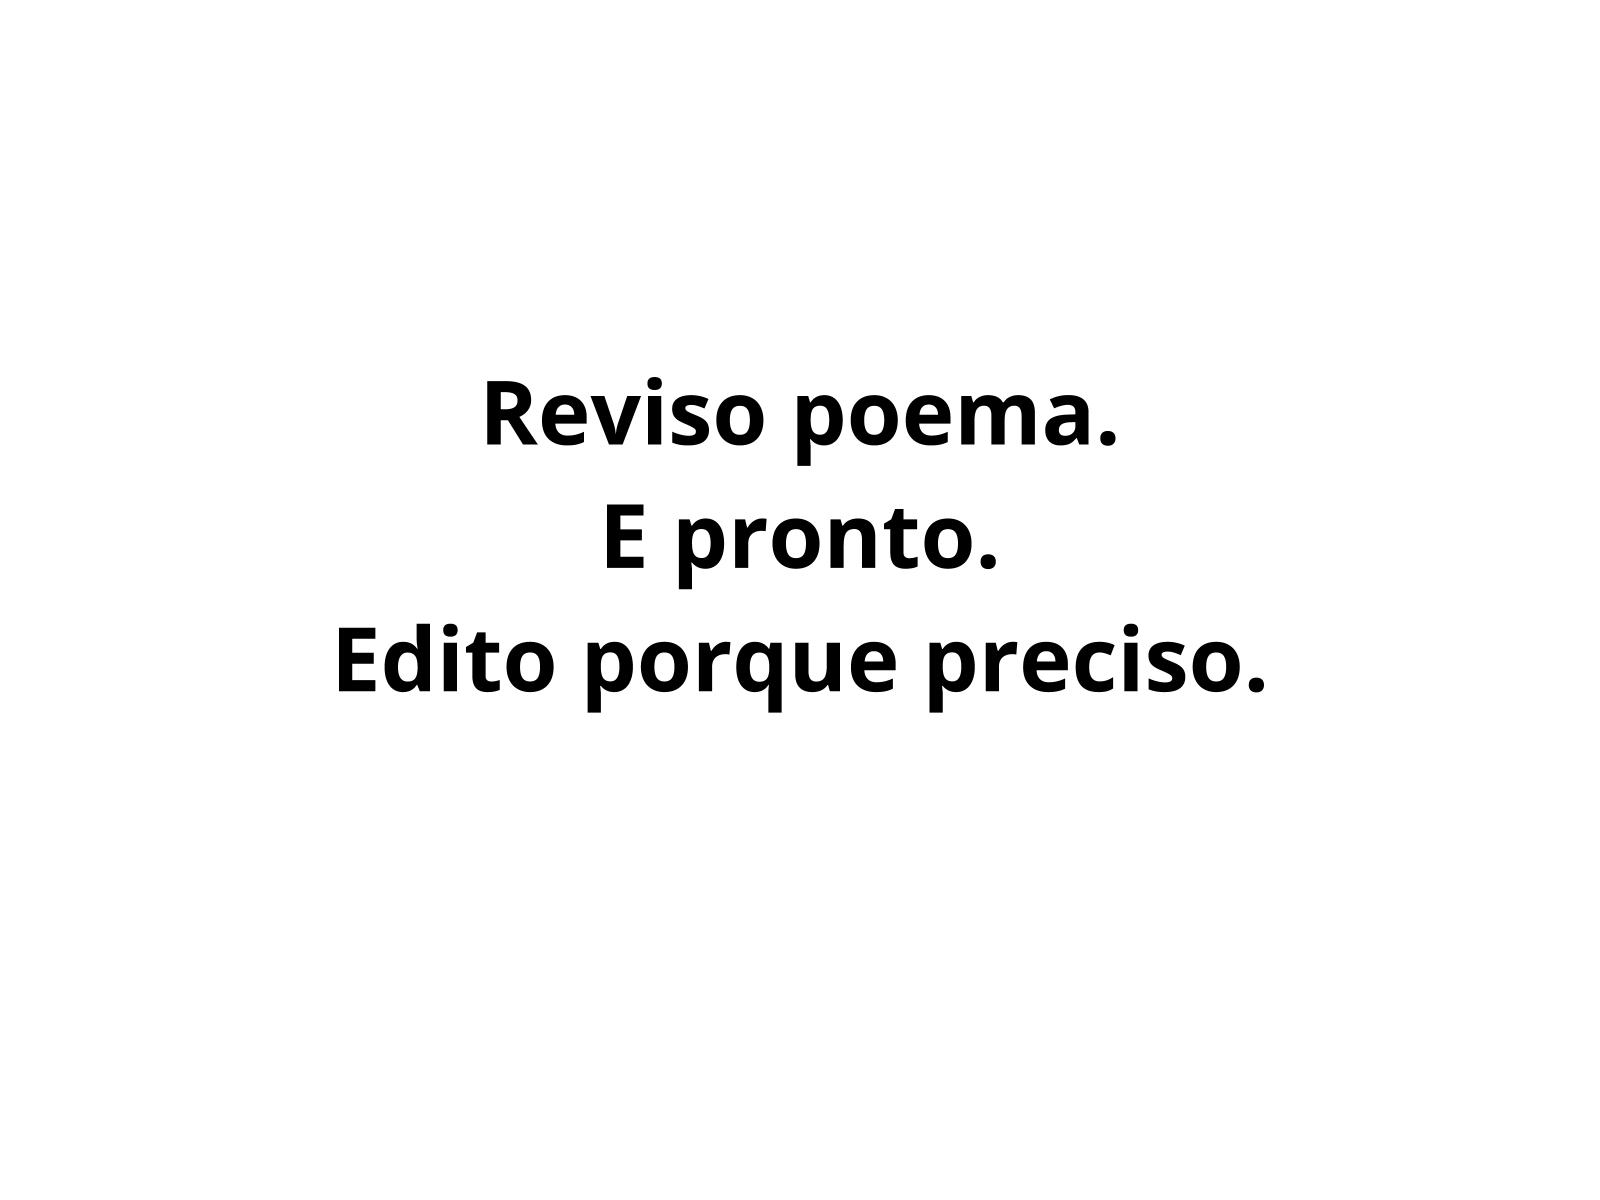 Revisão e edição de poemas concretos e visuais